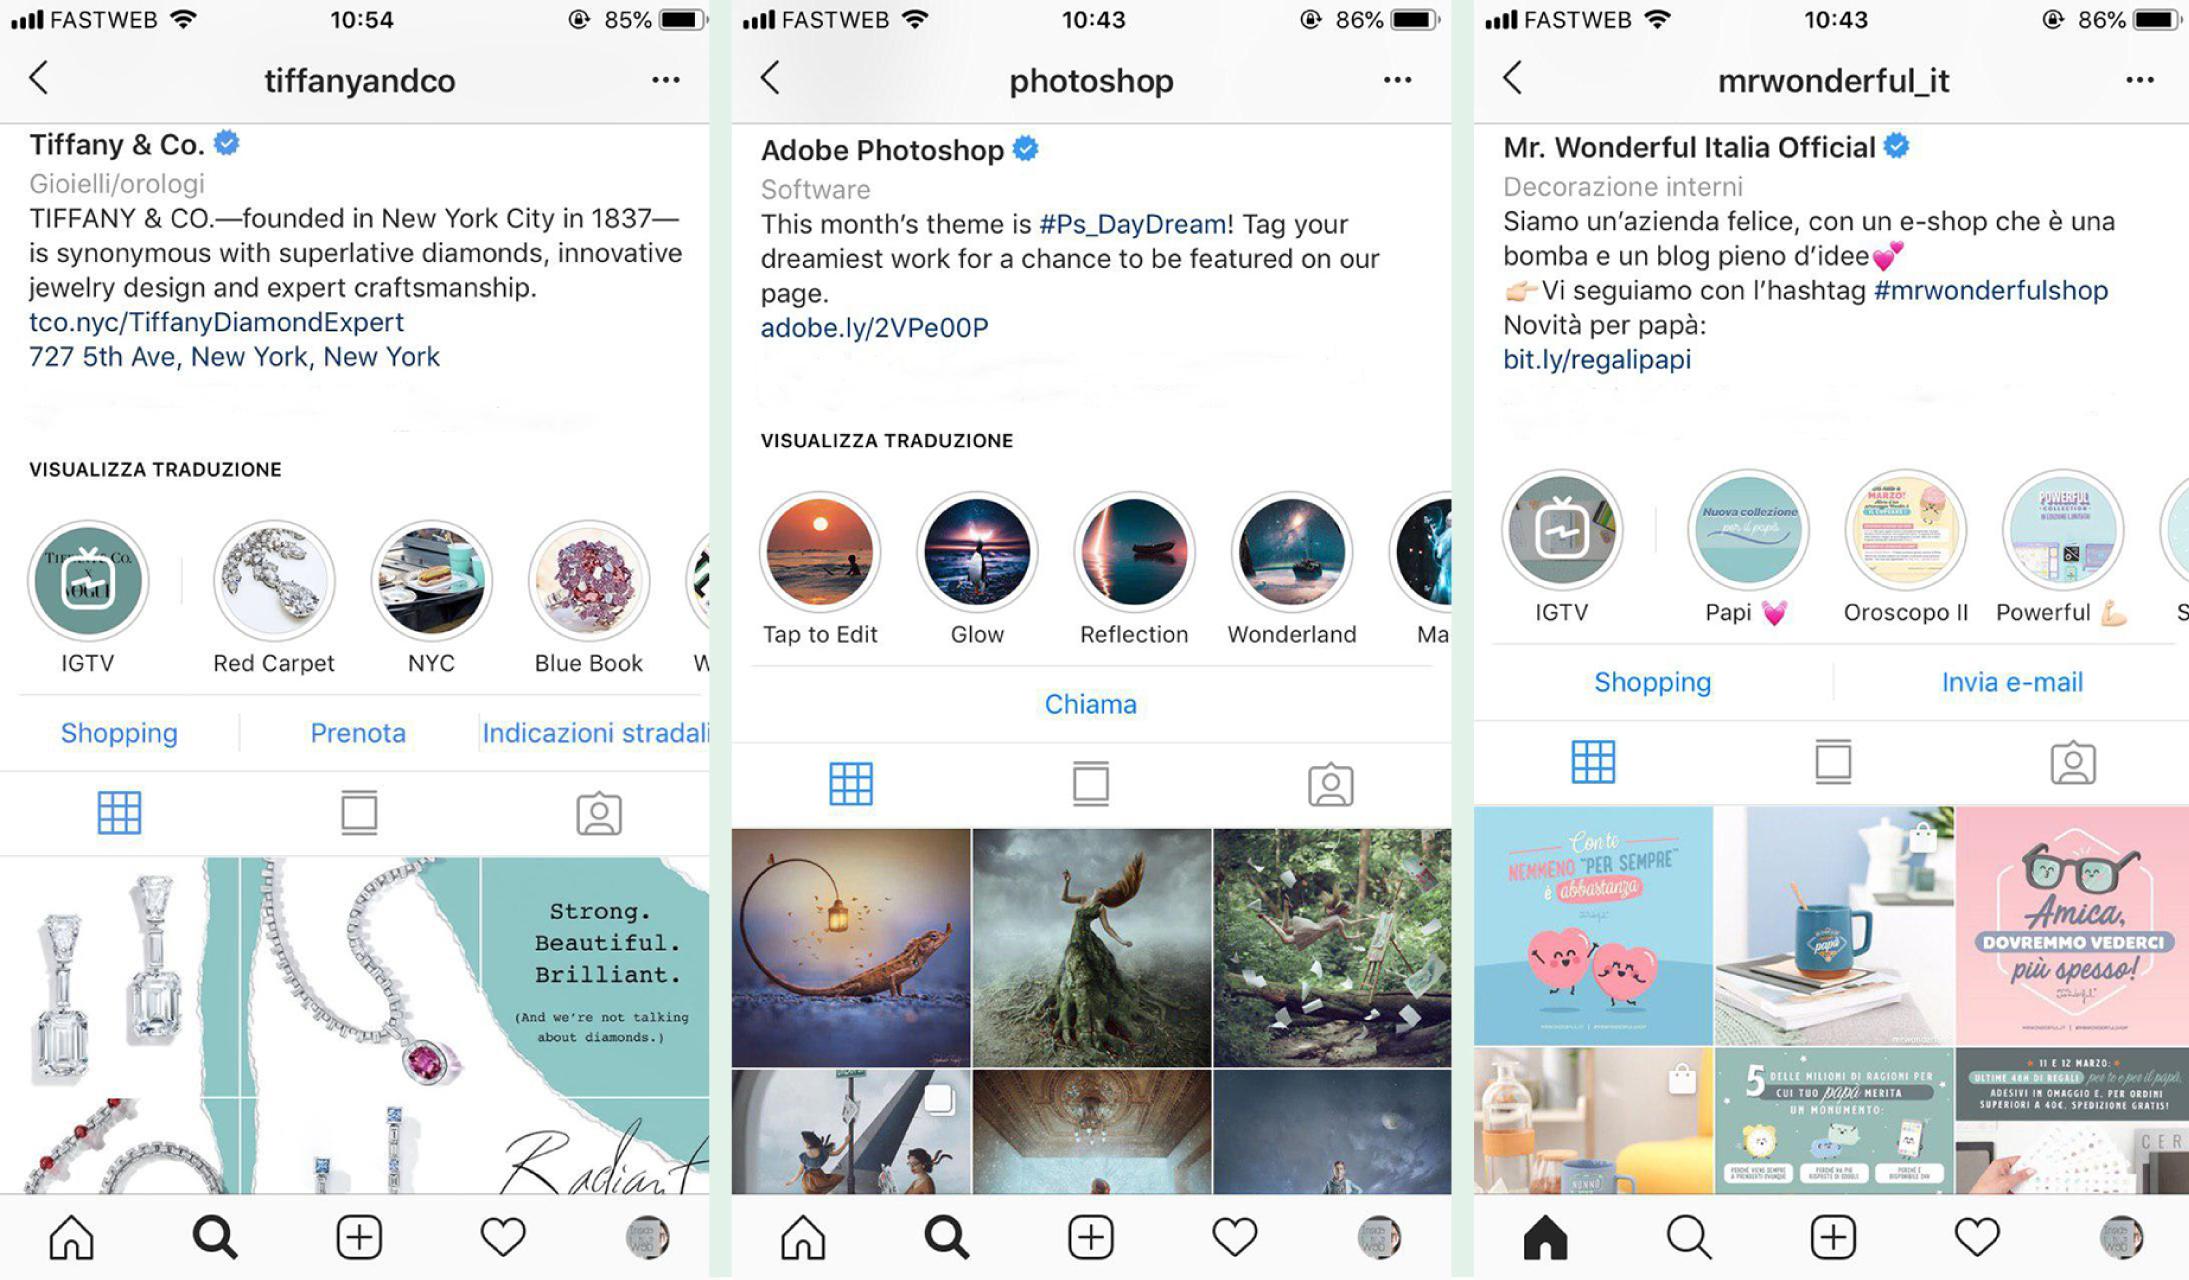 come-aumentare-follower-su-instagram-gestione-social-profili